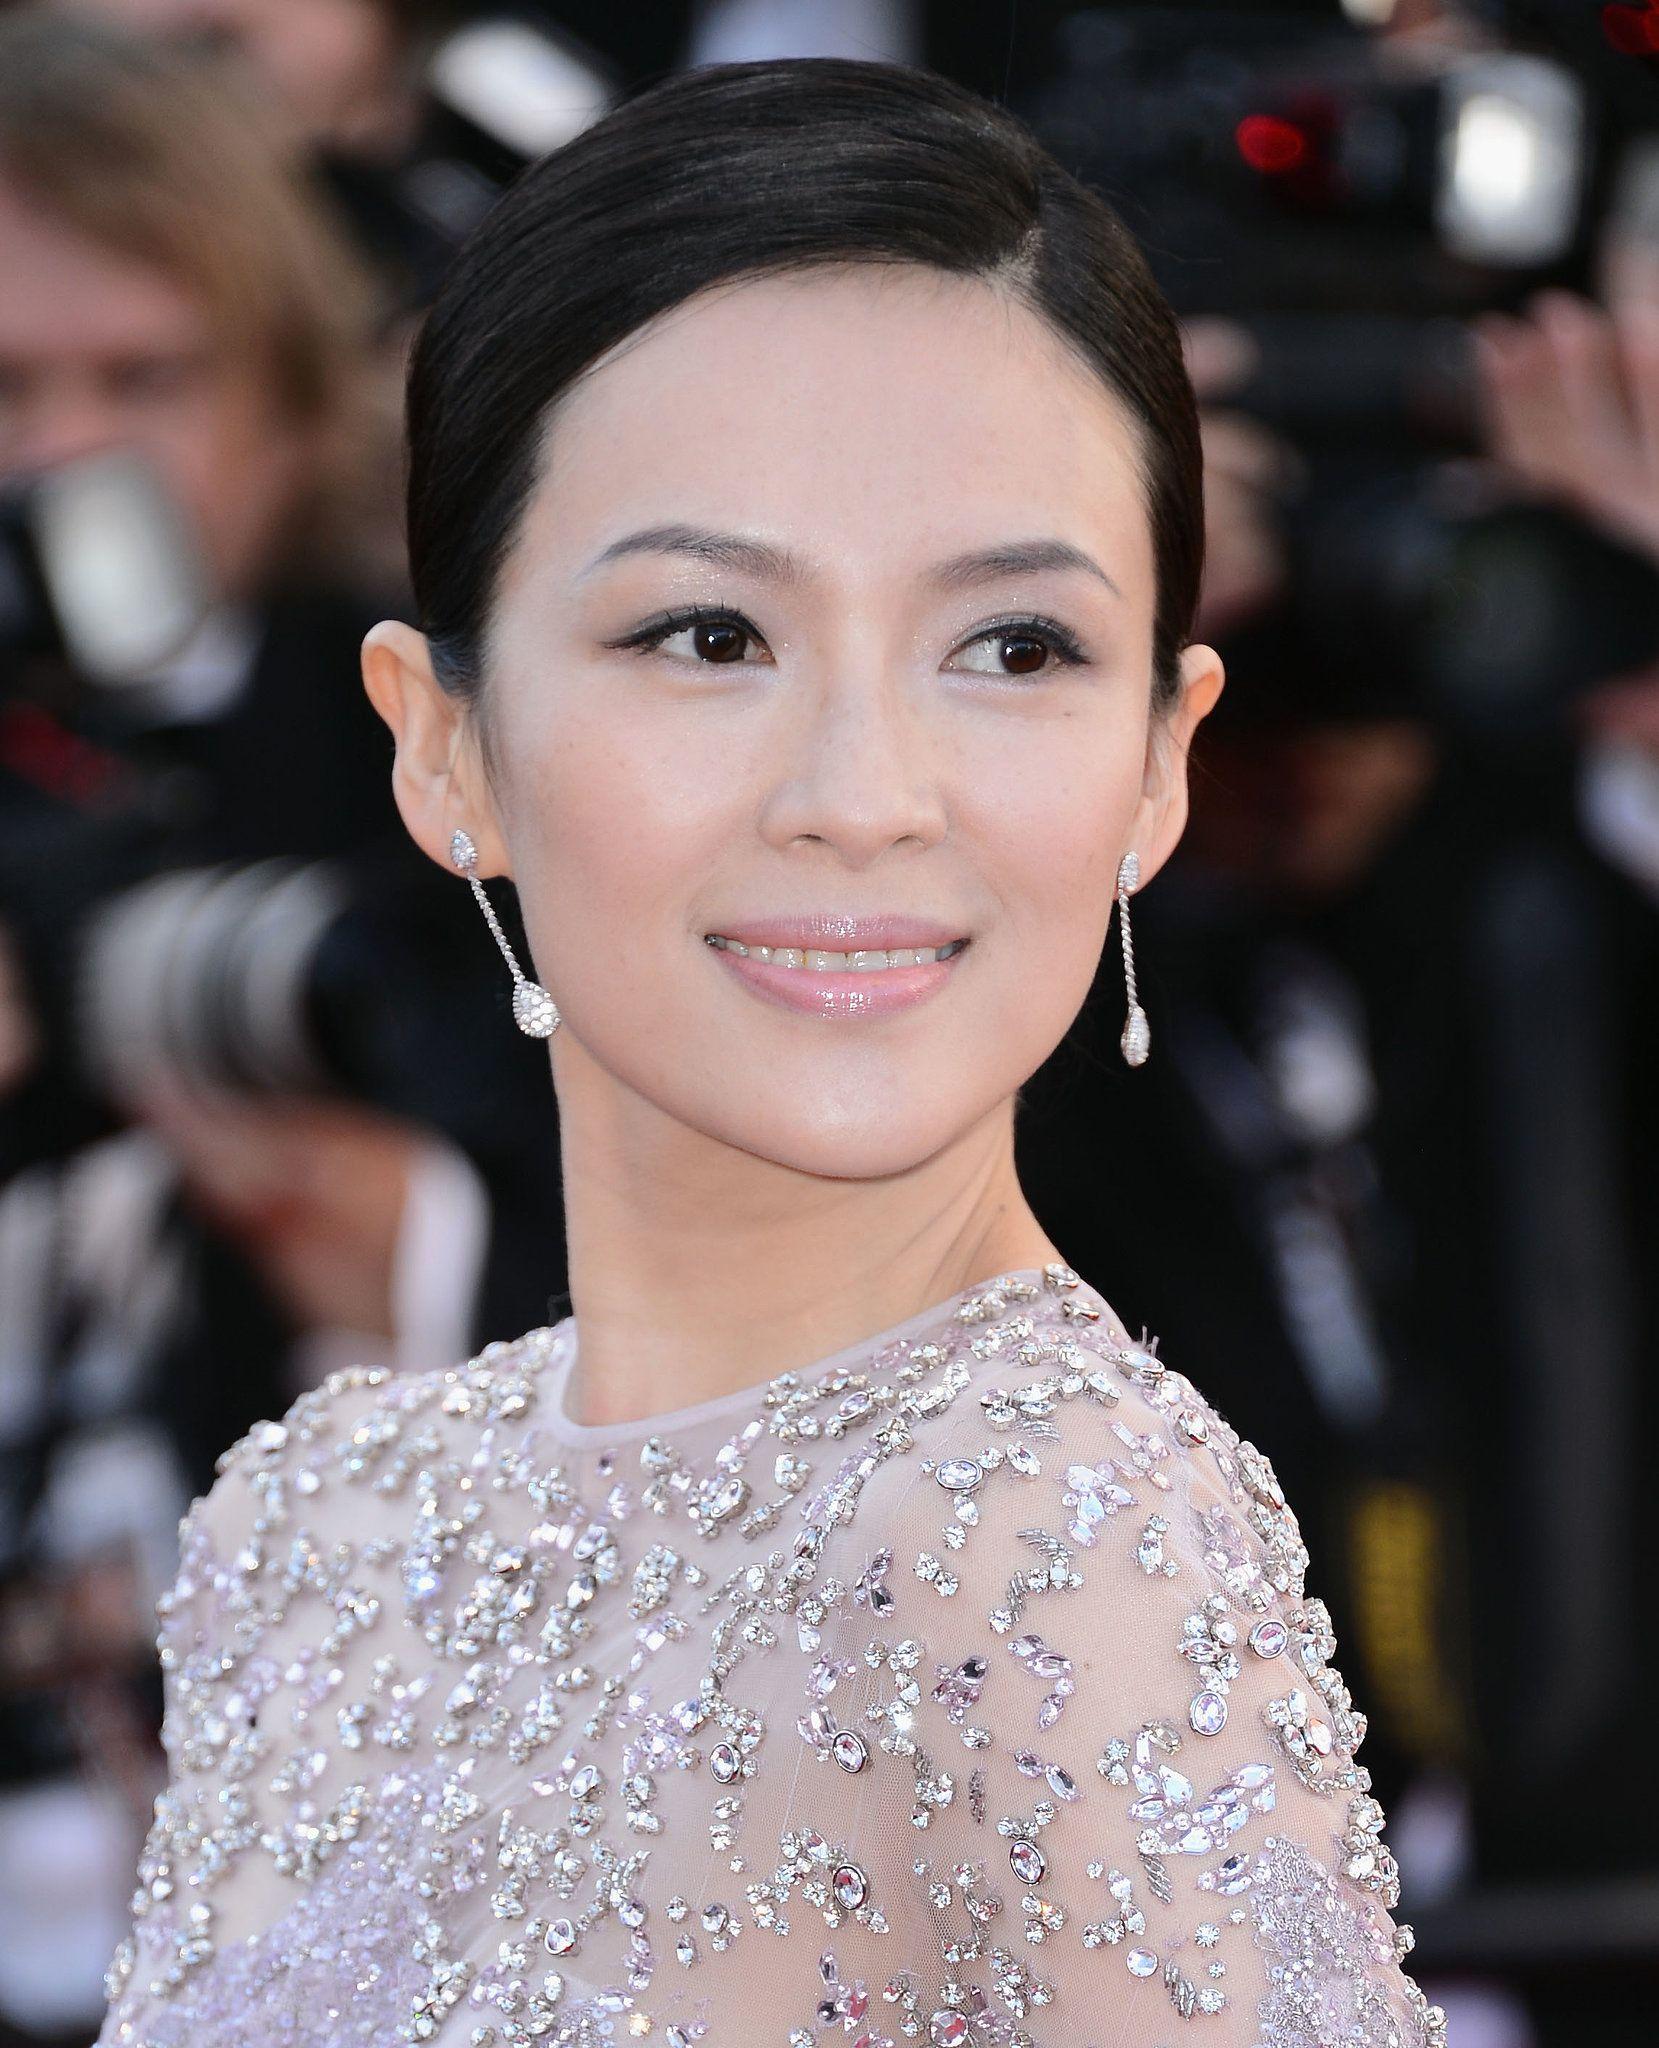 Zhang Ziyi Nude Lipstick - Zhang Ziyi Beauty Looks